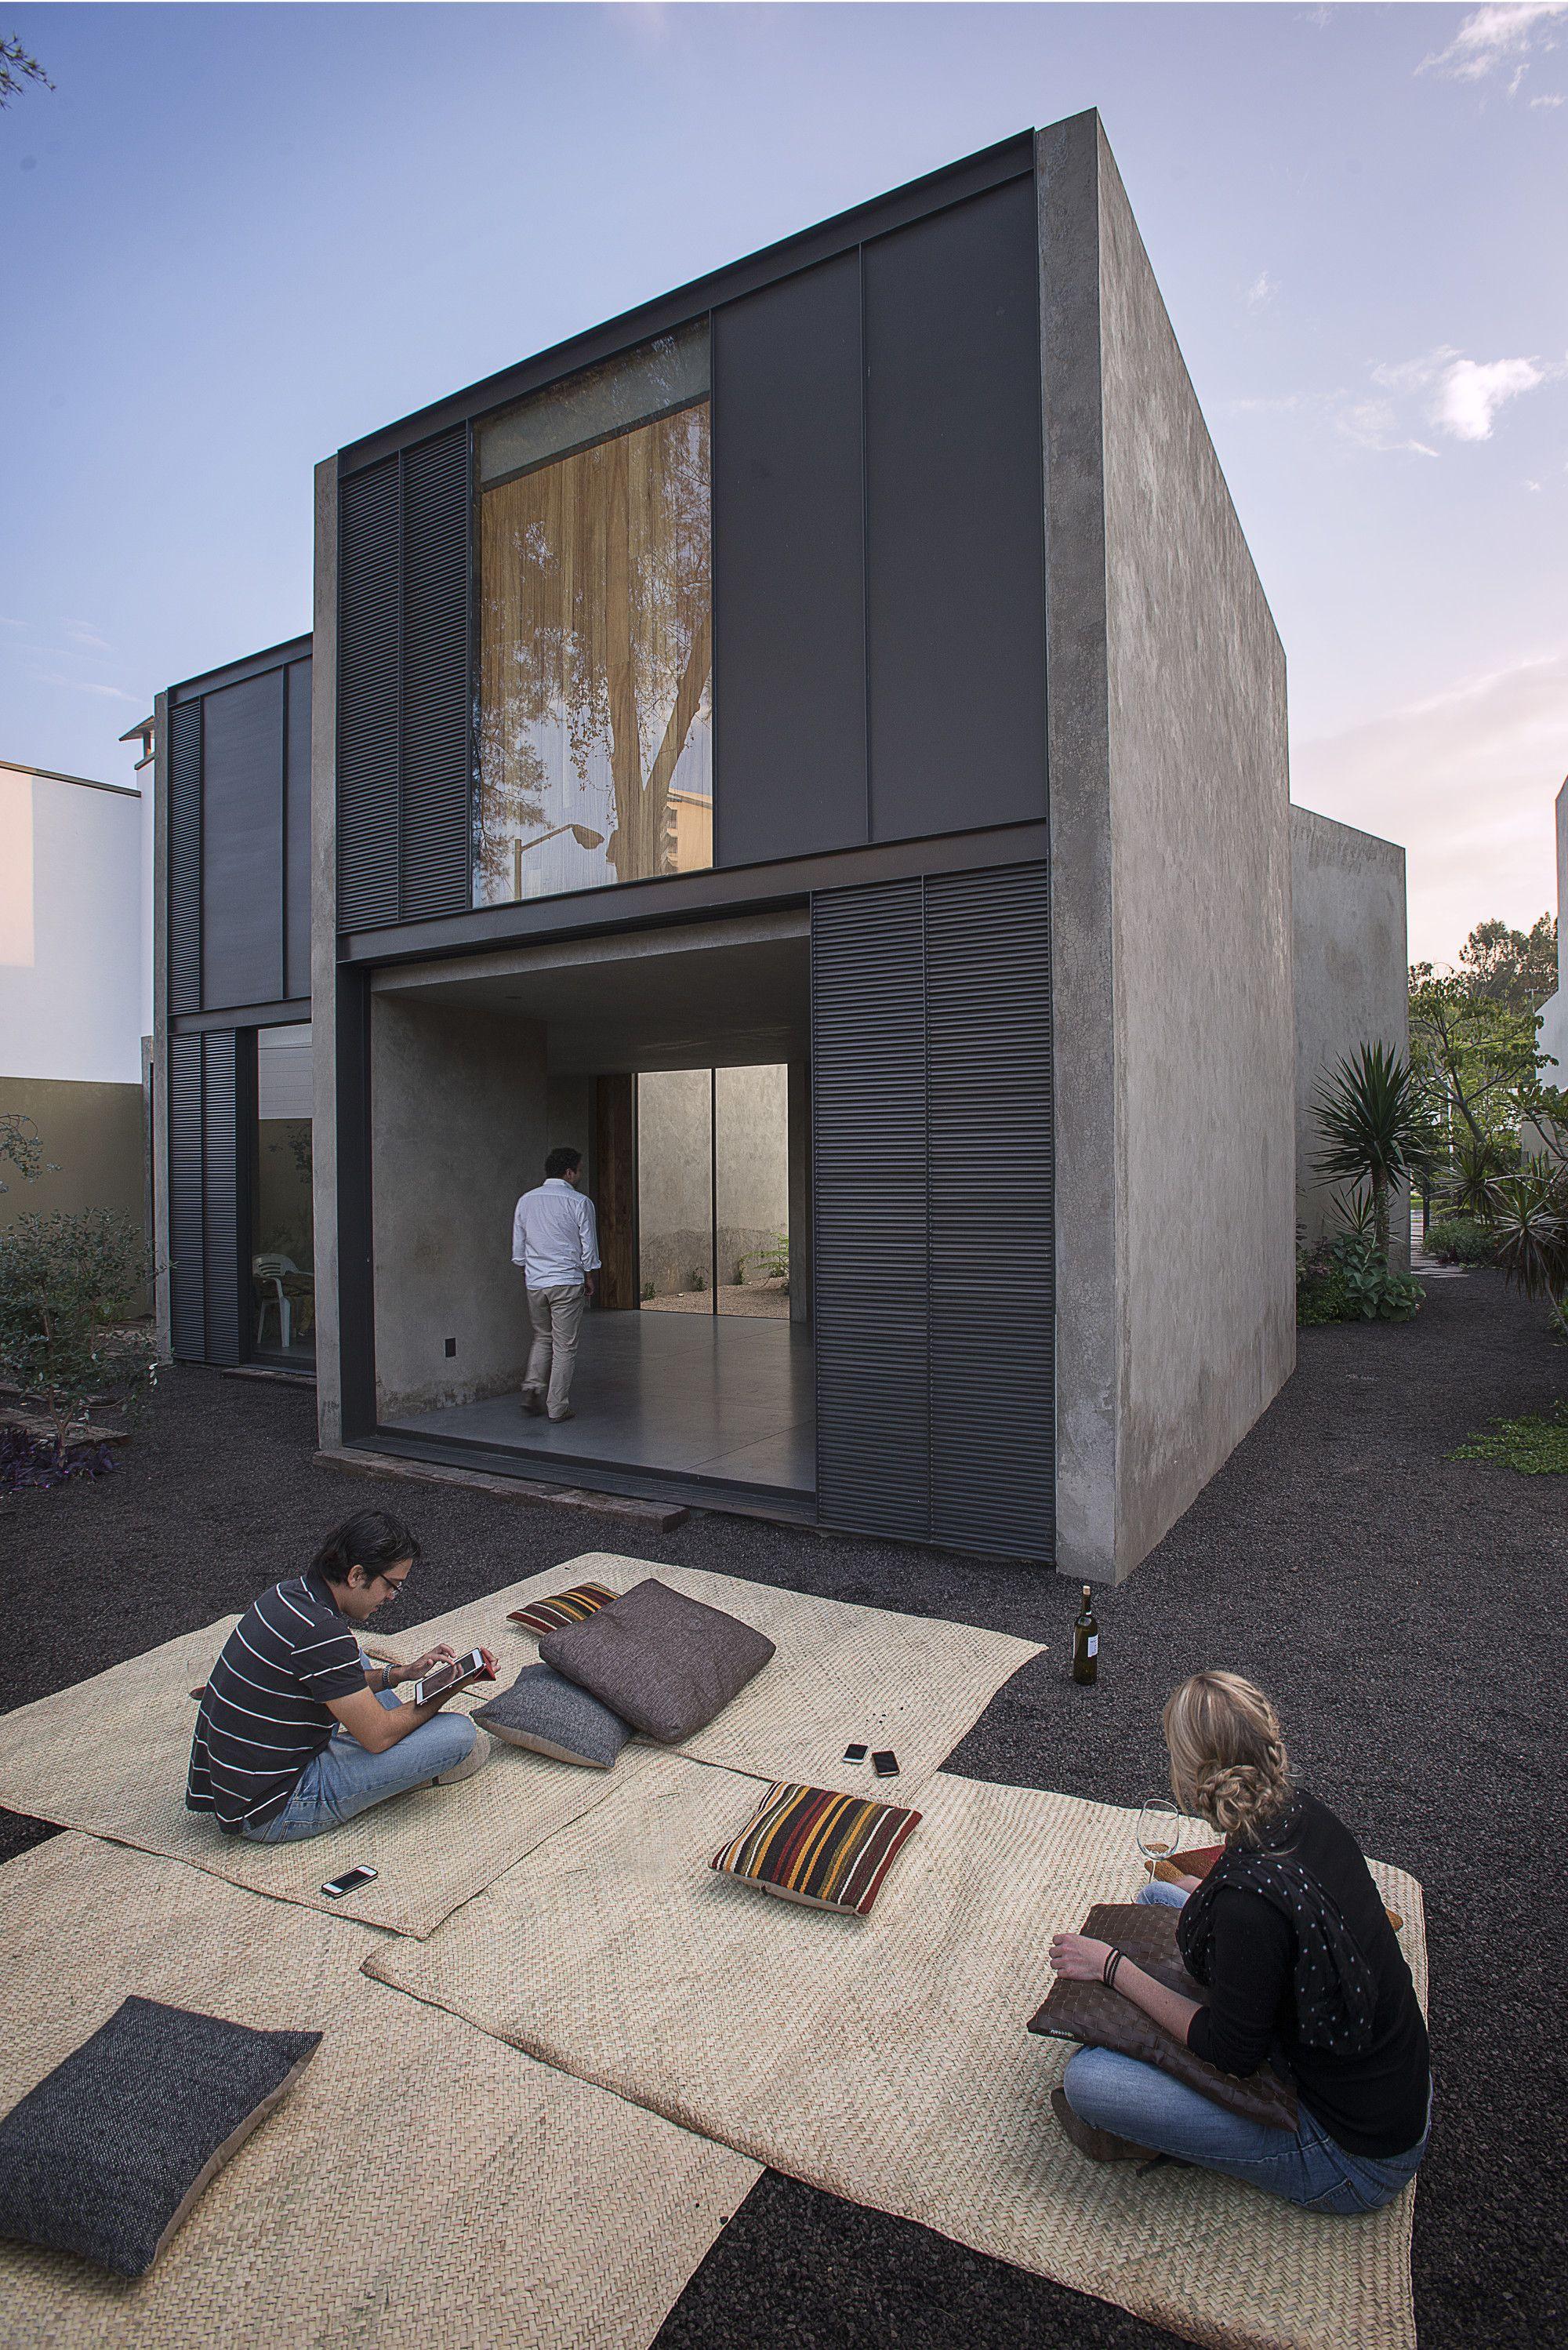 Architects Casa Prado Zapopn Mxico CoA